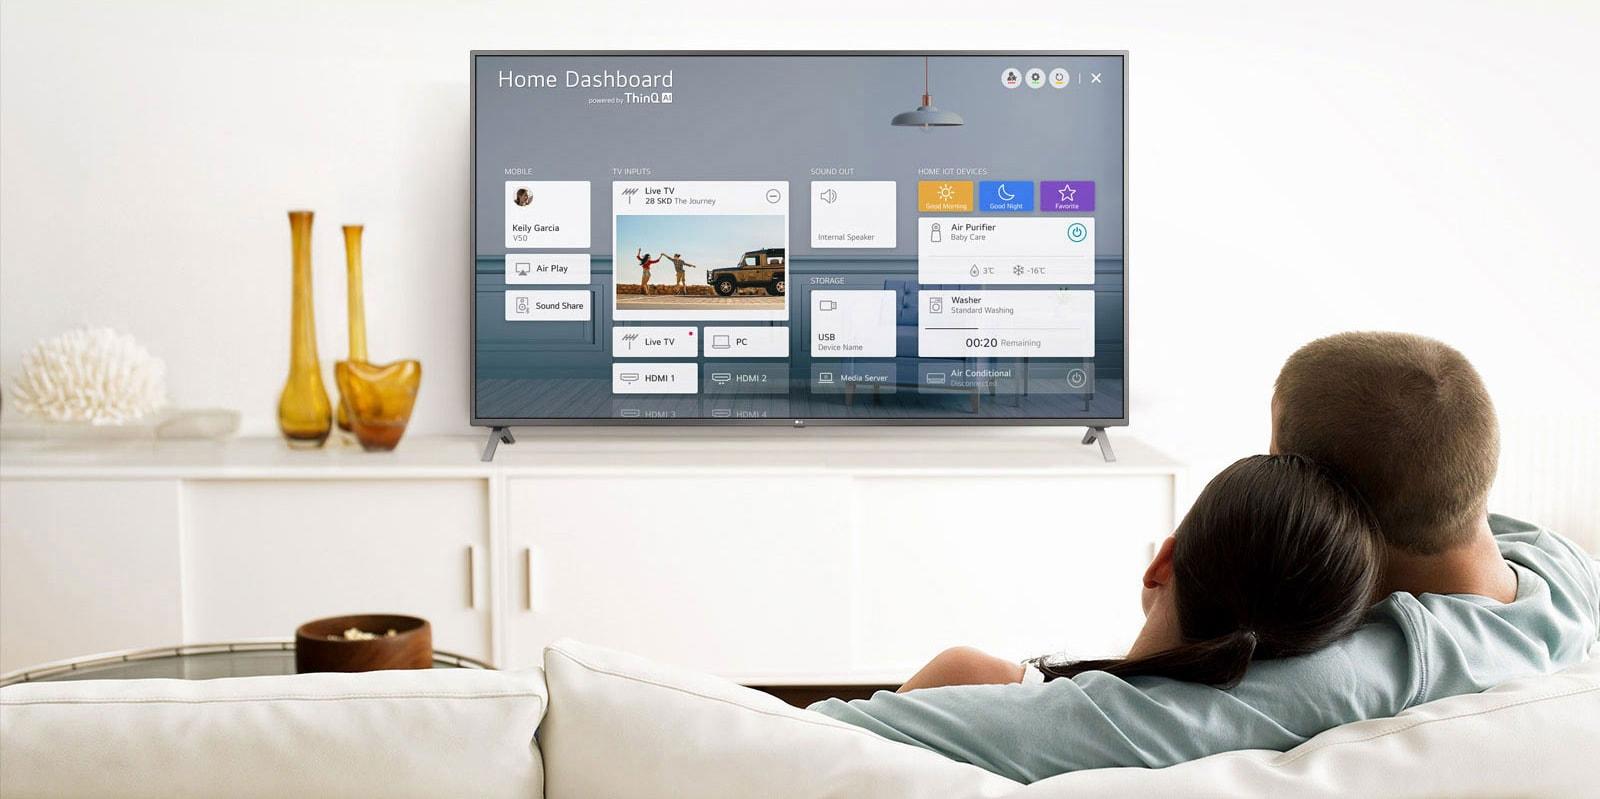 Férfi és nő ül a kanapén a nappaliban, ahol az otthoni irányítópult jelenik meg a TV képernyőjén.